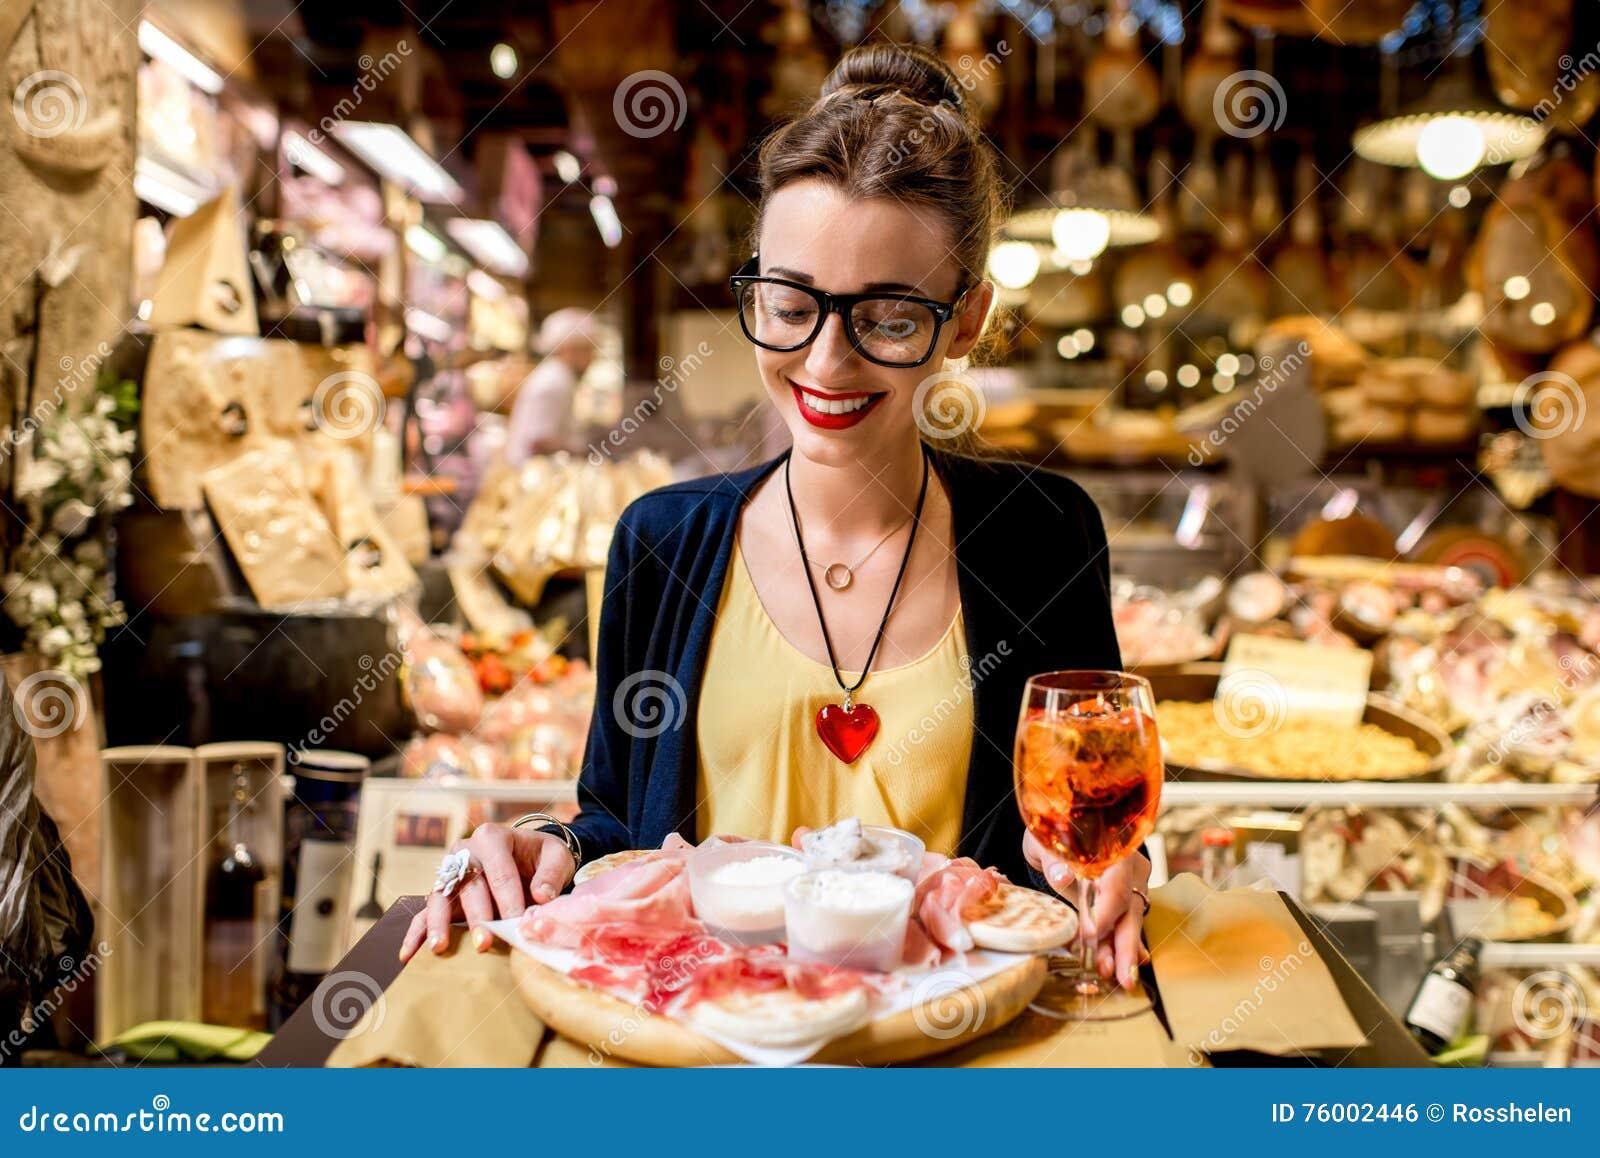 Vrouw met traditioneel Italiaans voorgerecht